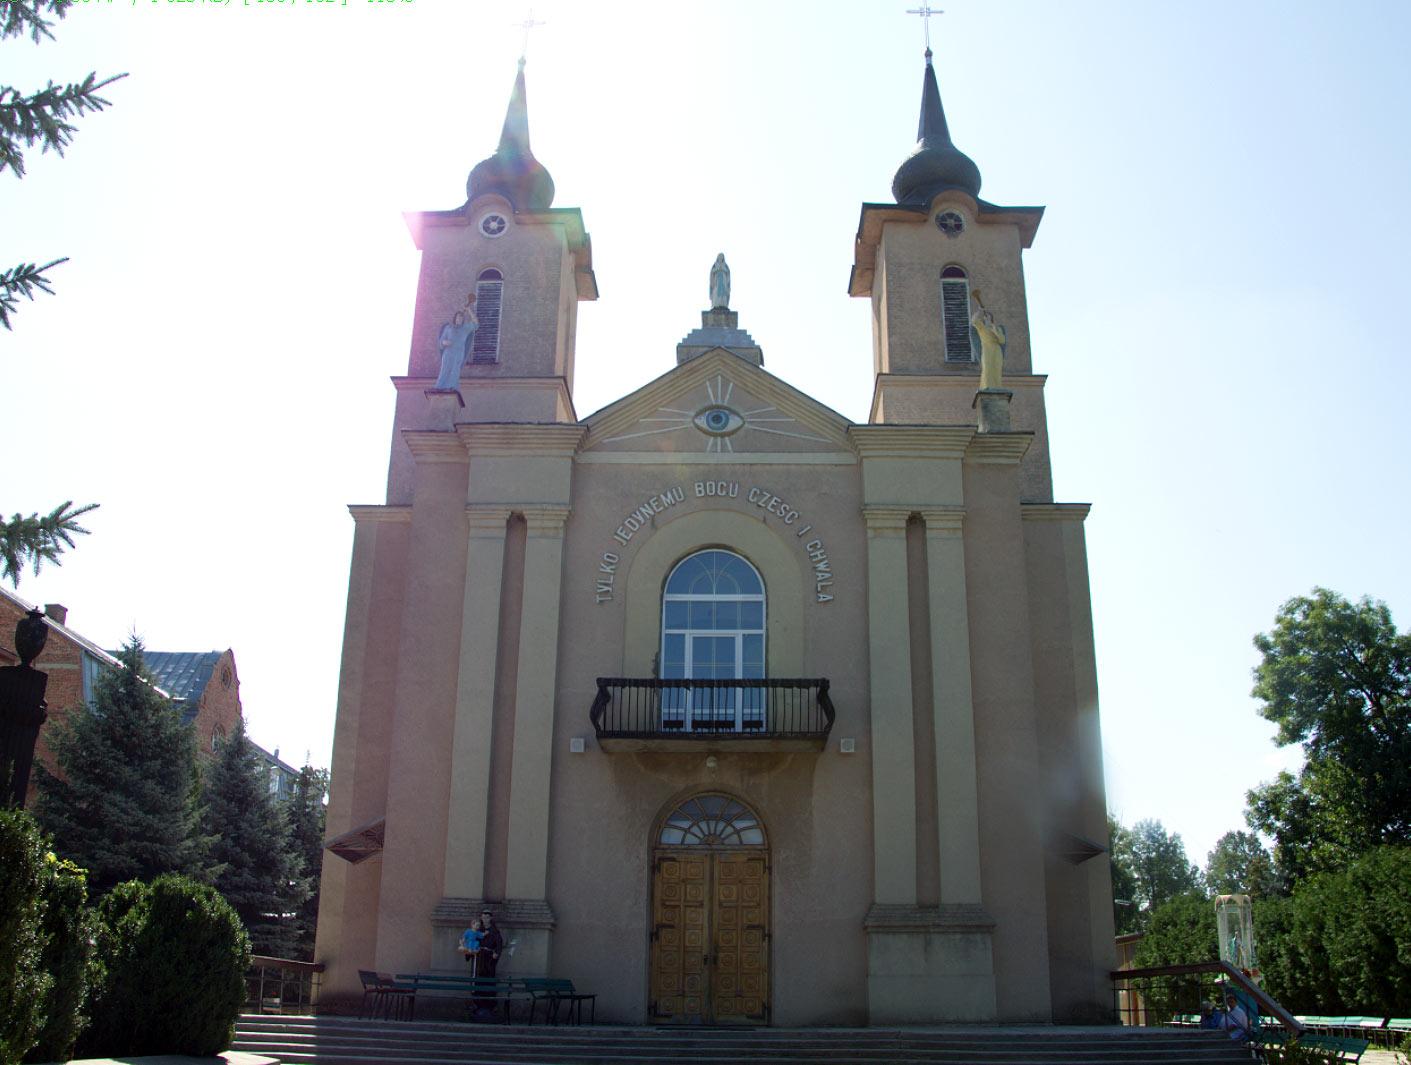 Kościół pw. Św. Stanisława w Gródku